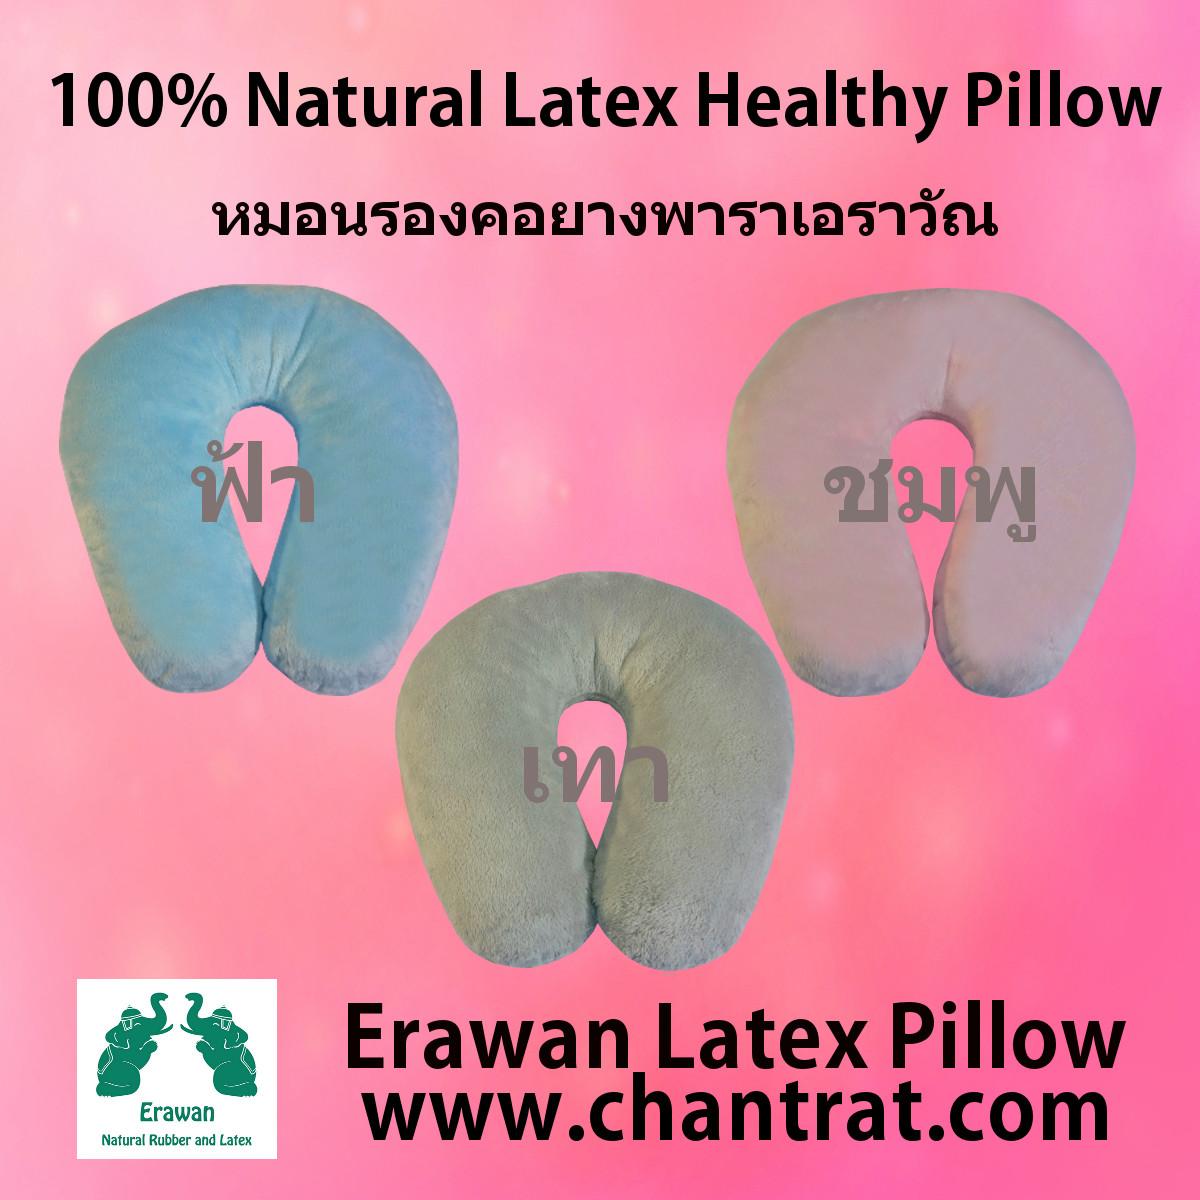 หมอนรองคอยางพารา ผ้ากำมะหยี่ (100% Natural Latex Neck Support Cushion)